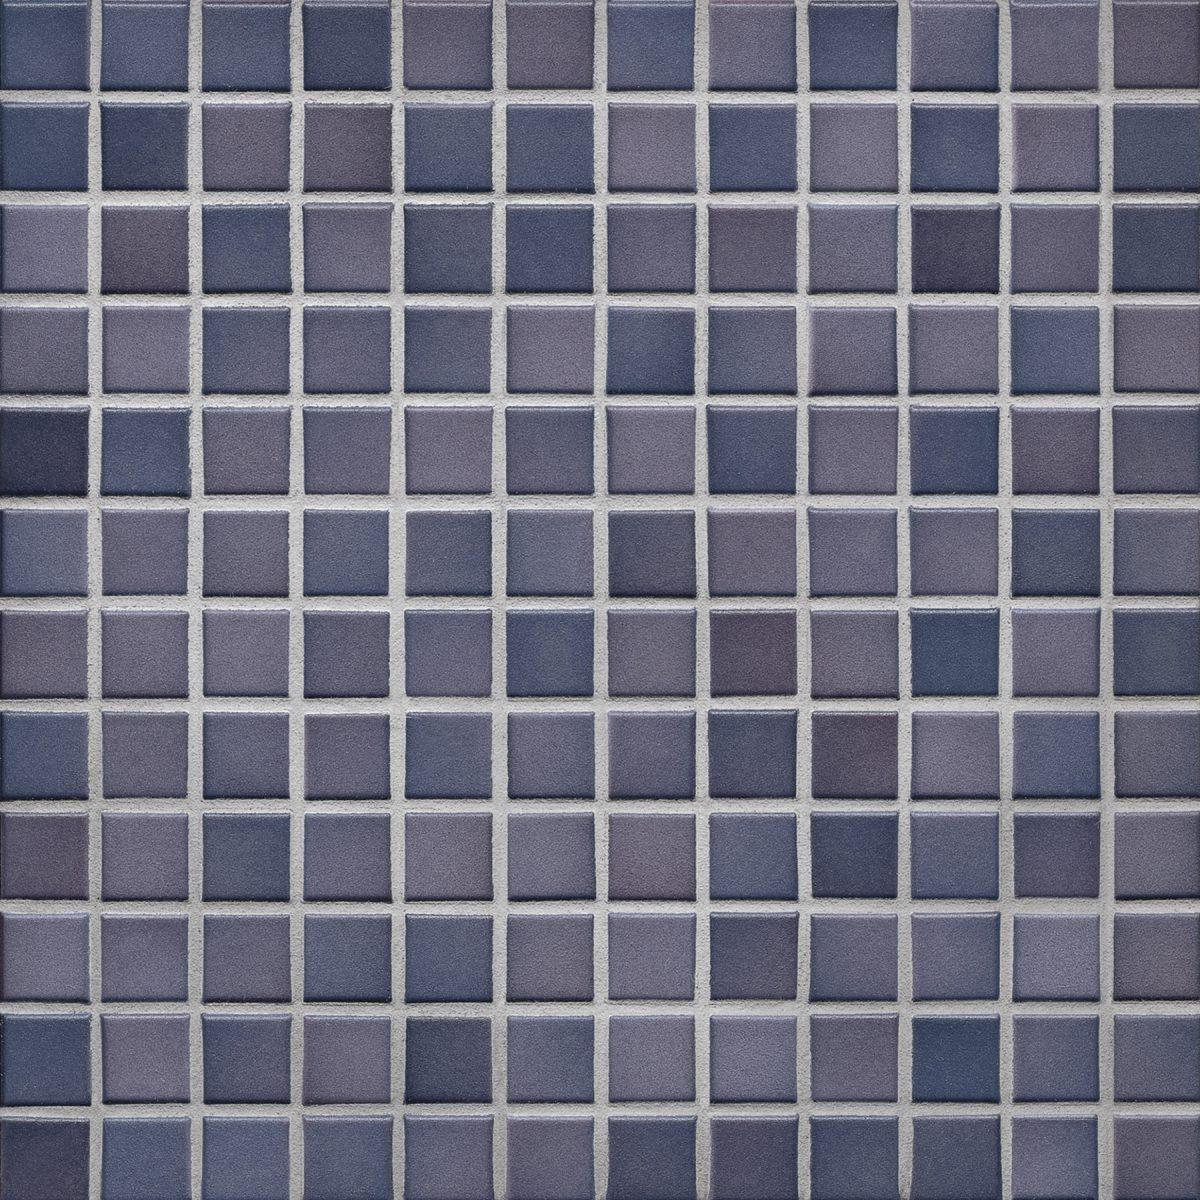 Мозаика серия Fresh 2,4 X 2,4 см Vivid Violet Mix Secura (противоскользящая R10/B)